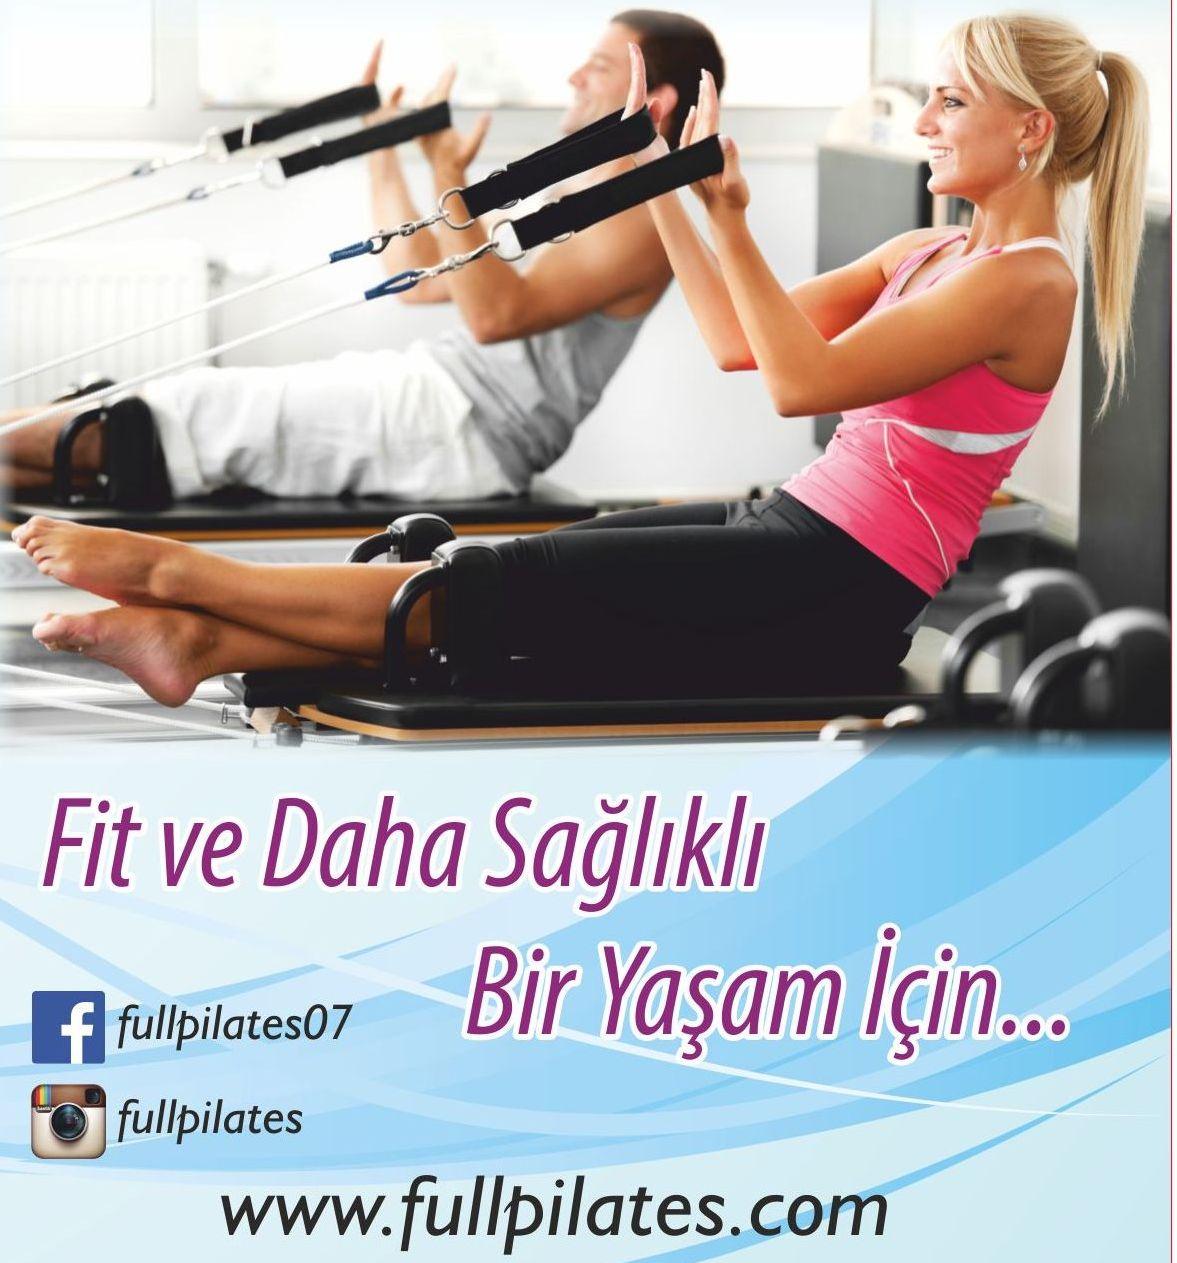 full pilates vizyon